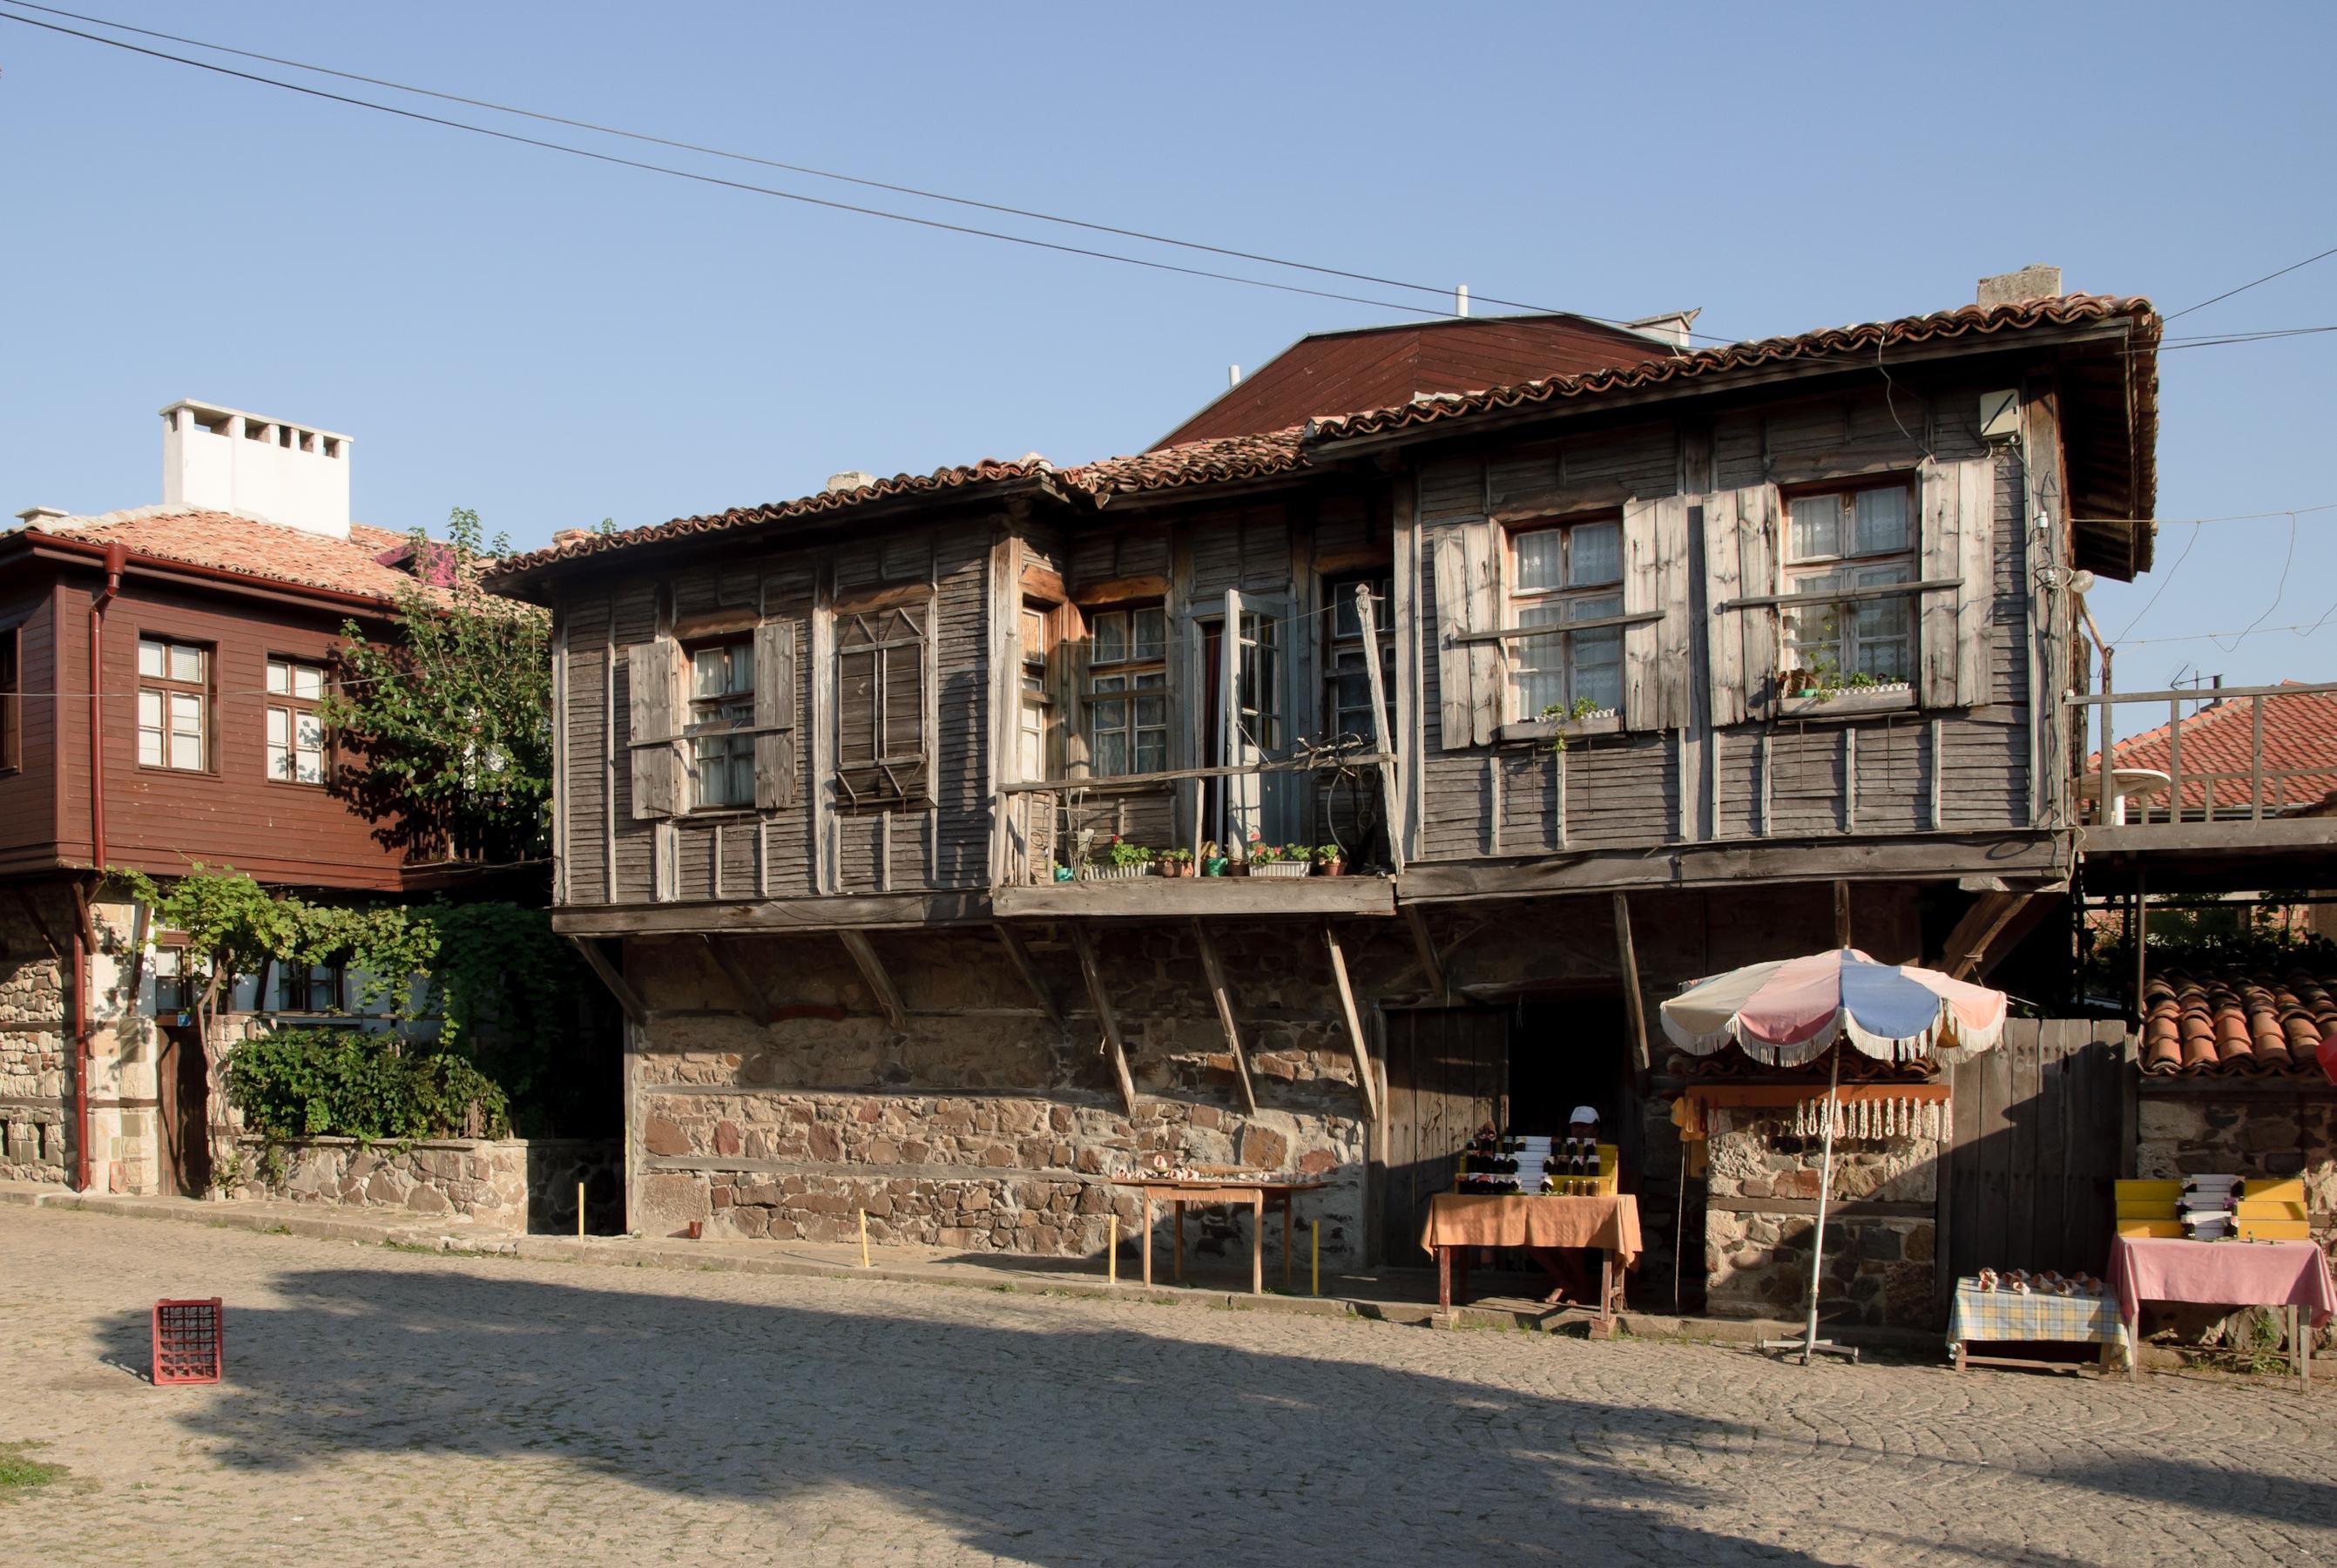 File:Old town Sozopol....